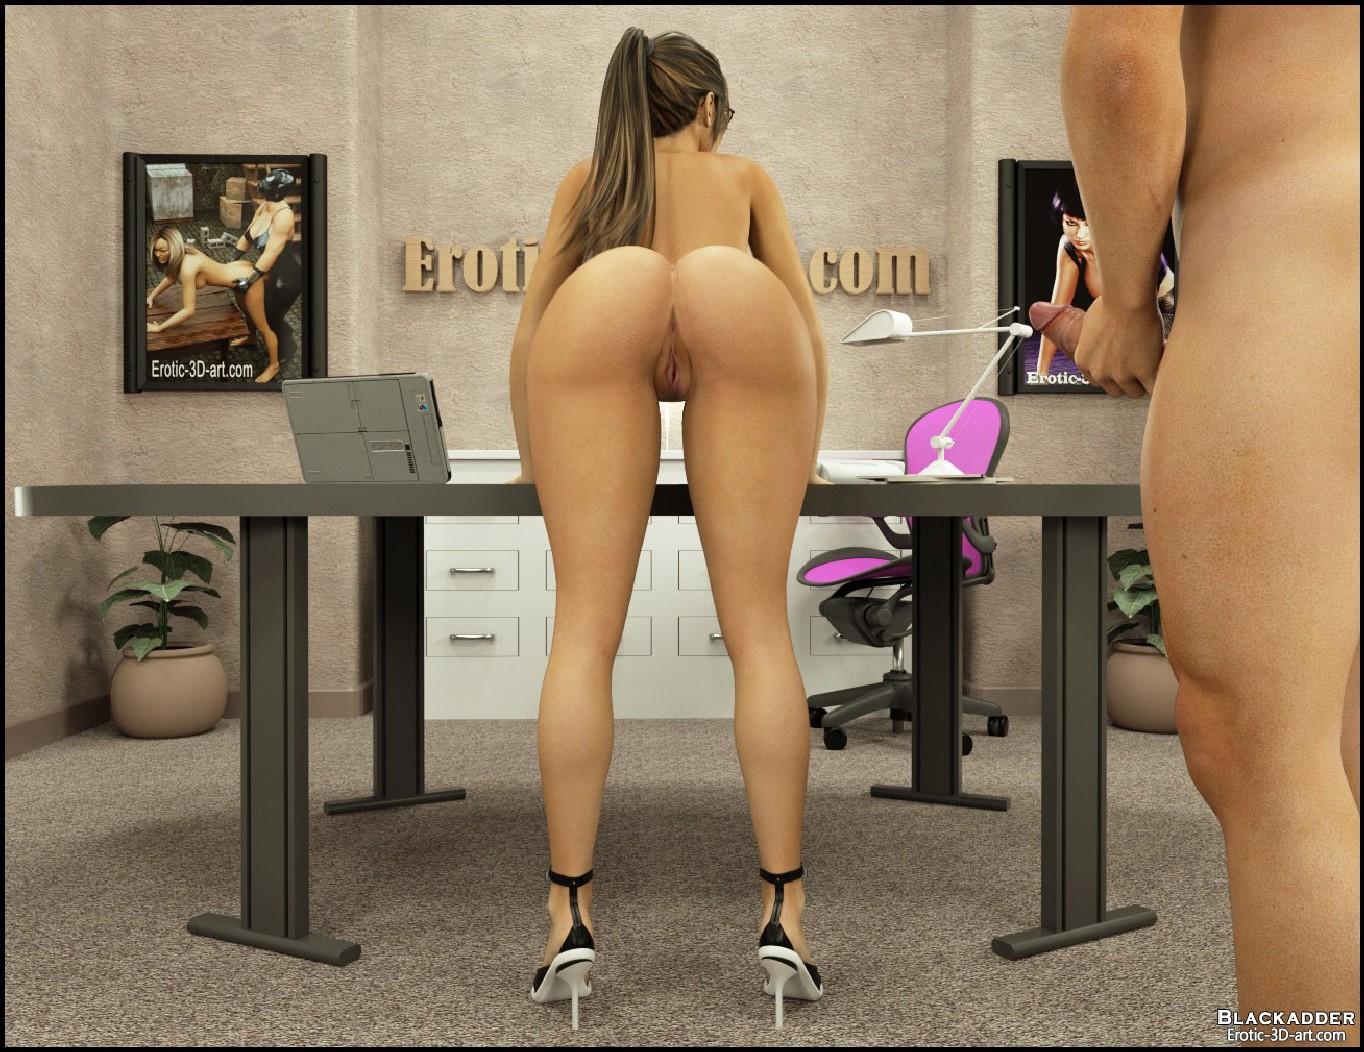 Blackadder- The Office - part 2